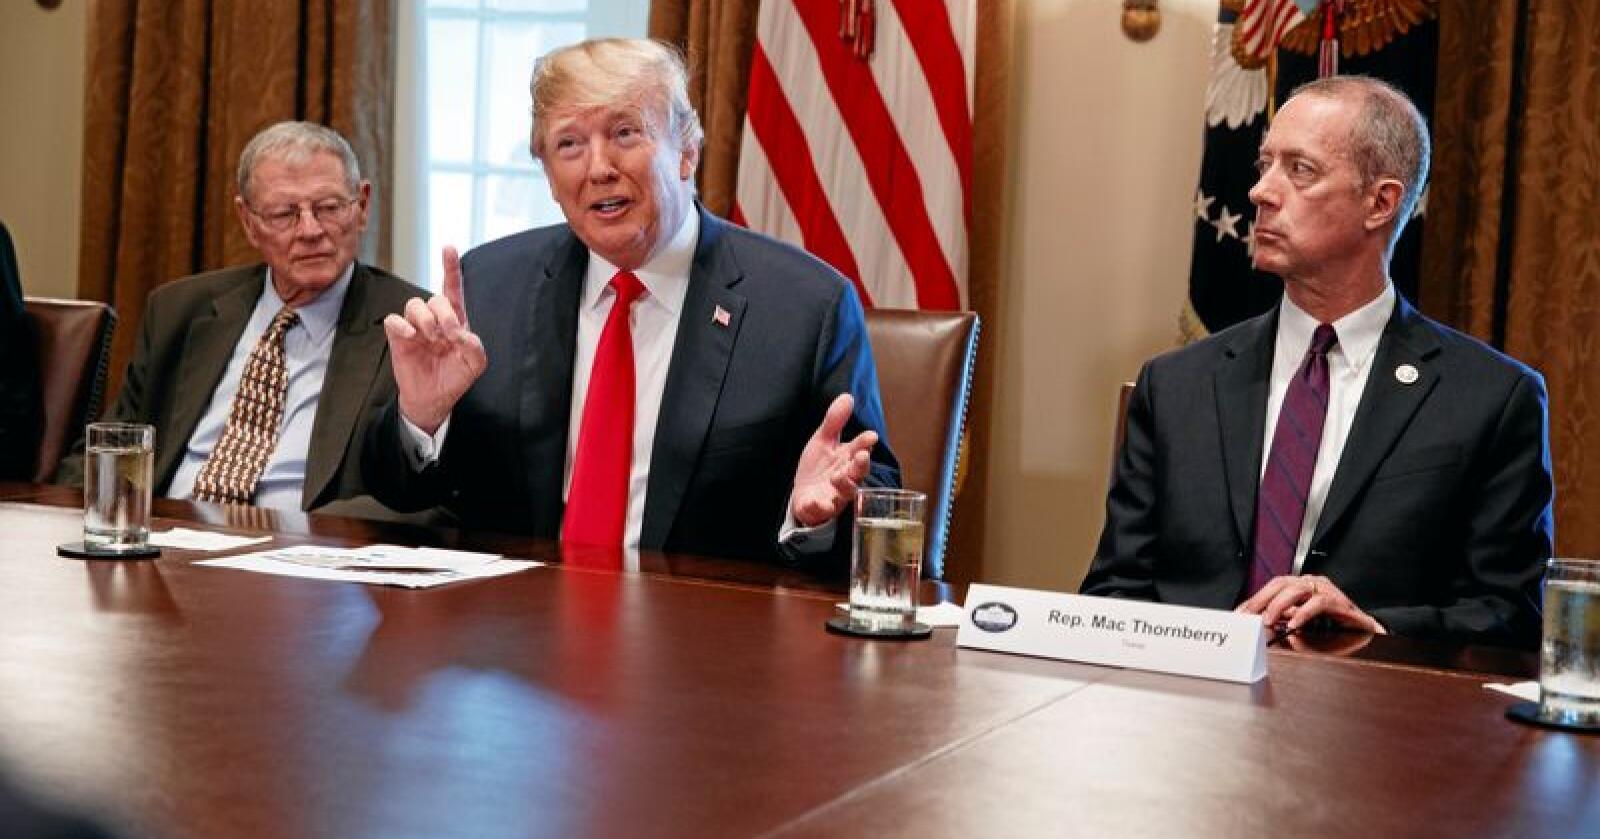 Donald Trump reagerer kraftig på markedsregulering når det ikke er han selv som står bak. Foto: Evan Vucci / AP / NTB Scanpix